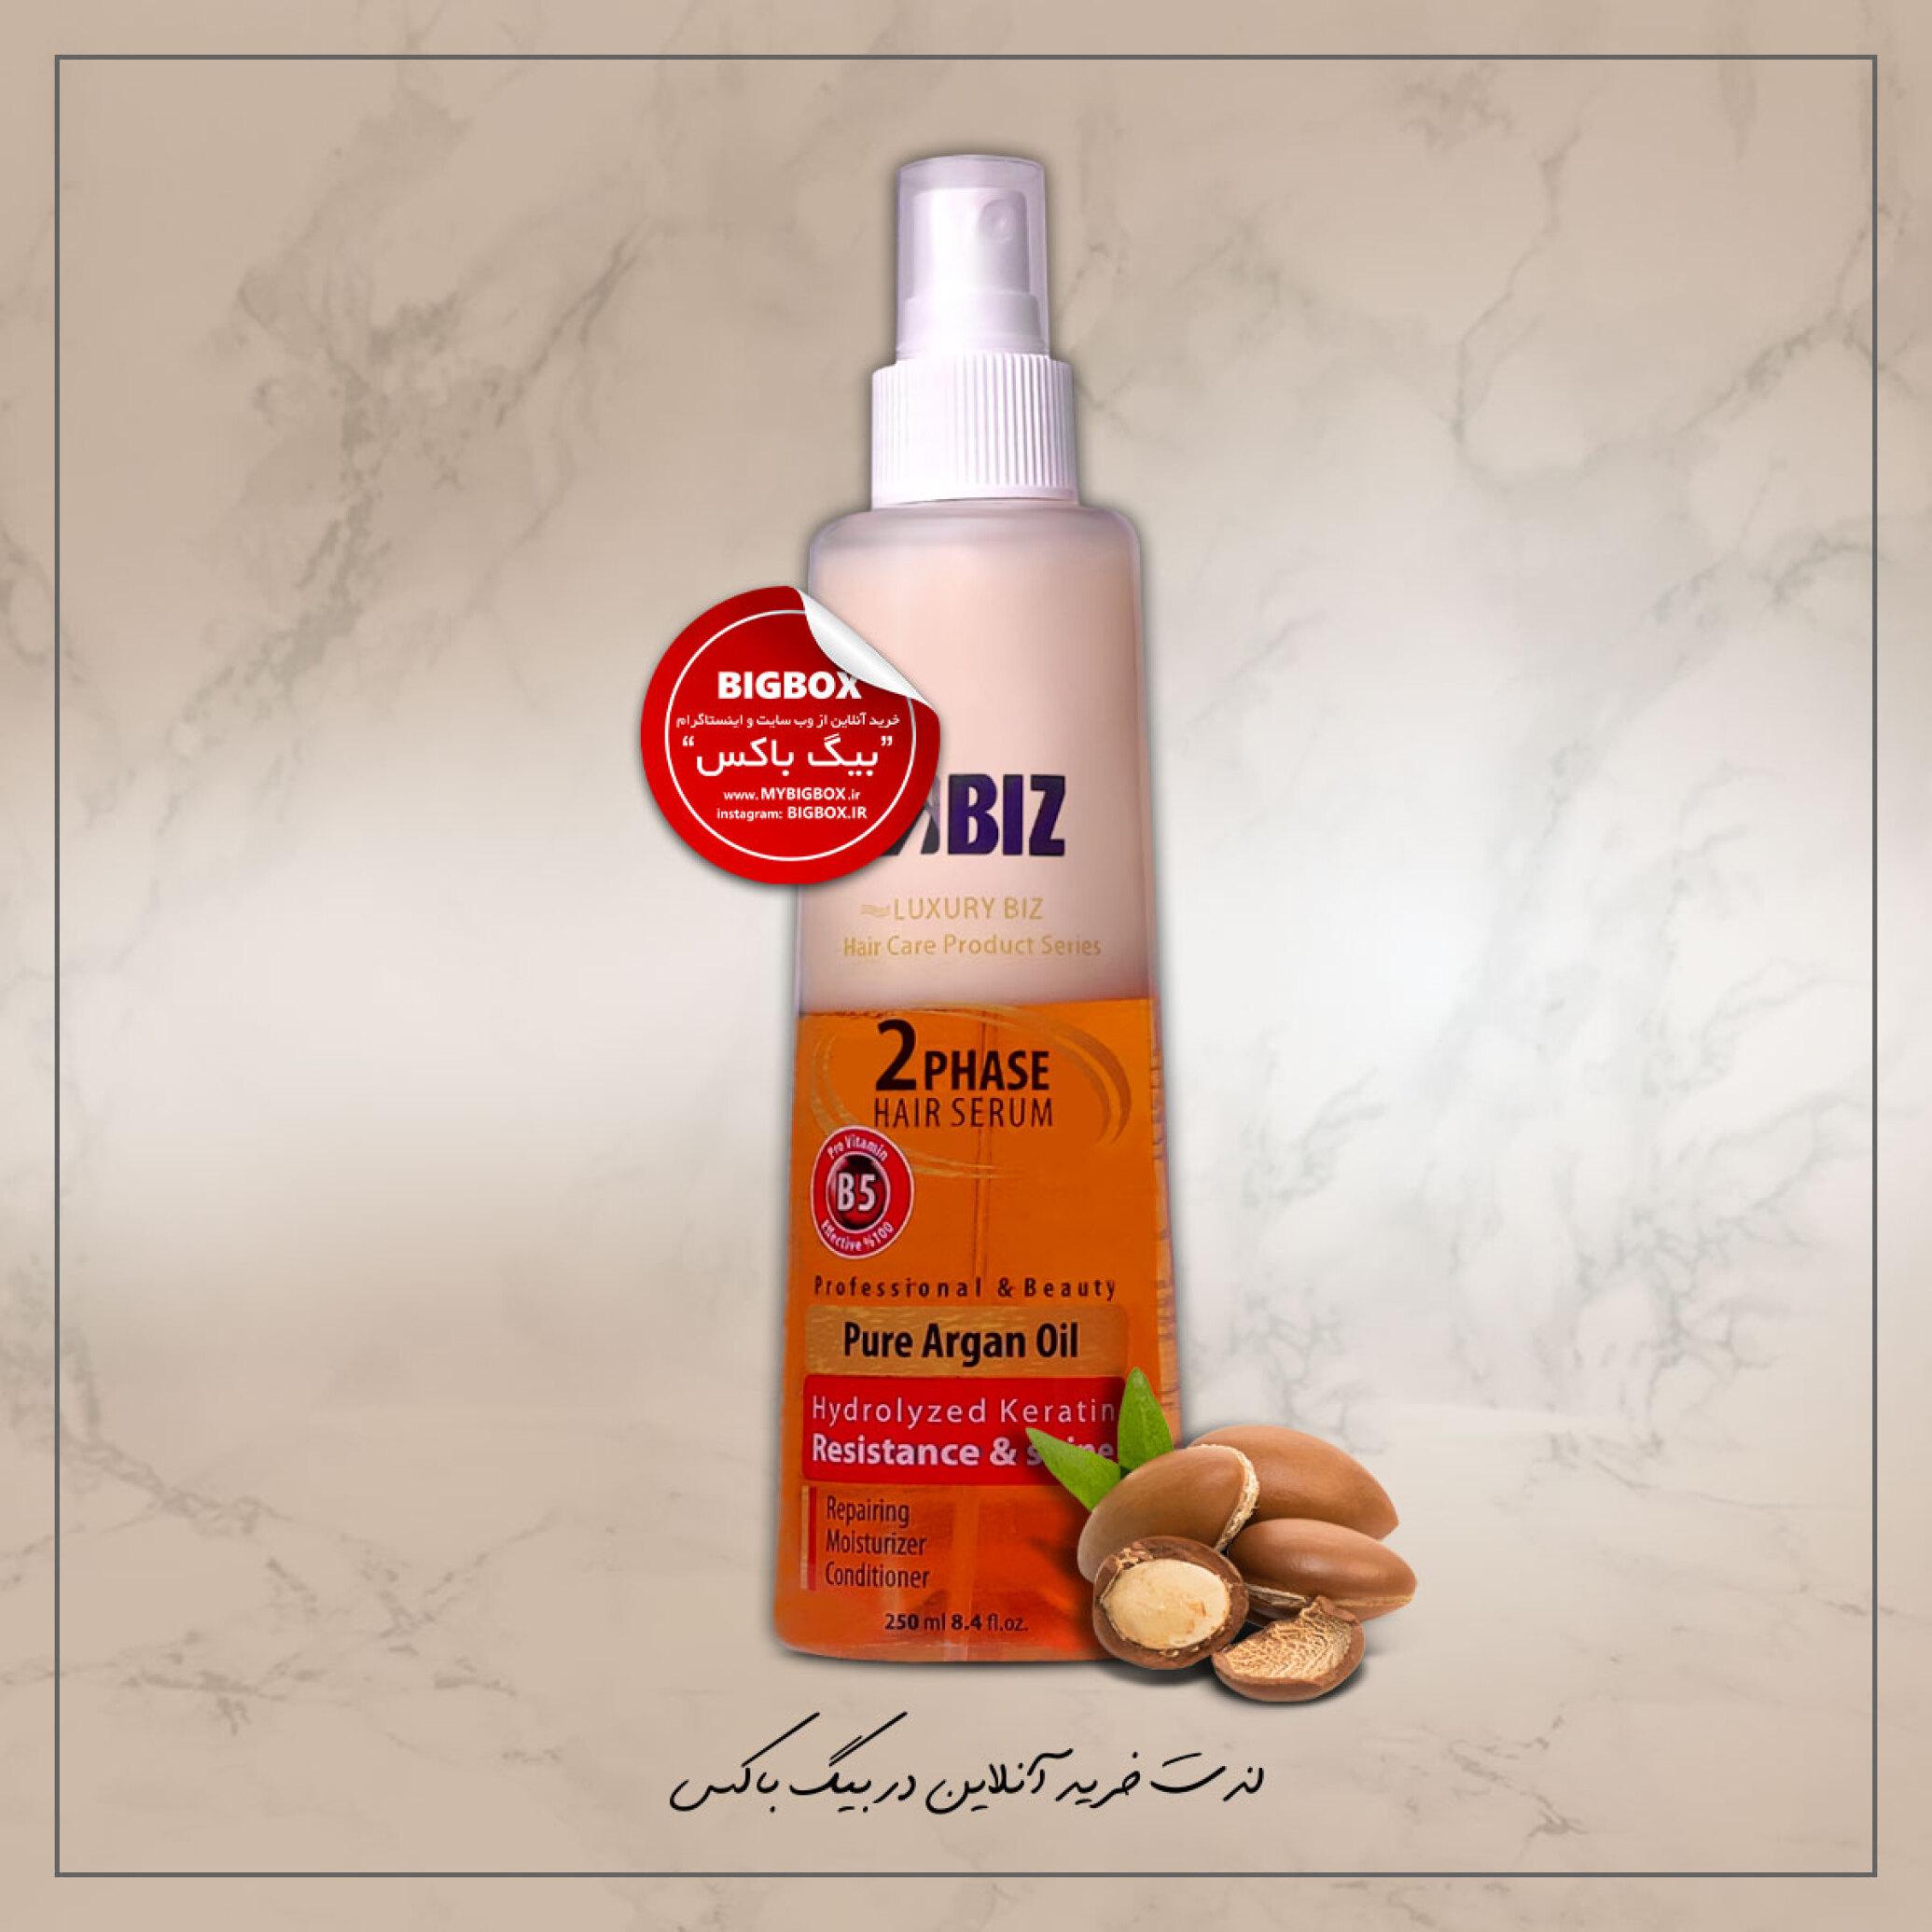 سرم دوفاز تقویت کننده مو آرگان حجم ۲۵۰ میلی لیتر BIZ 2phase hair serum